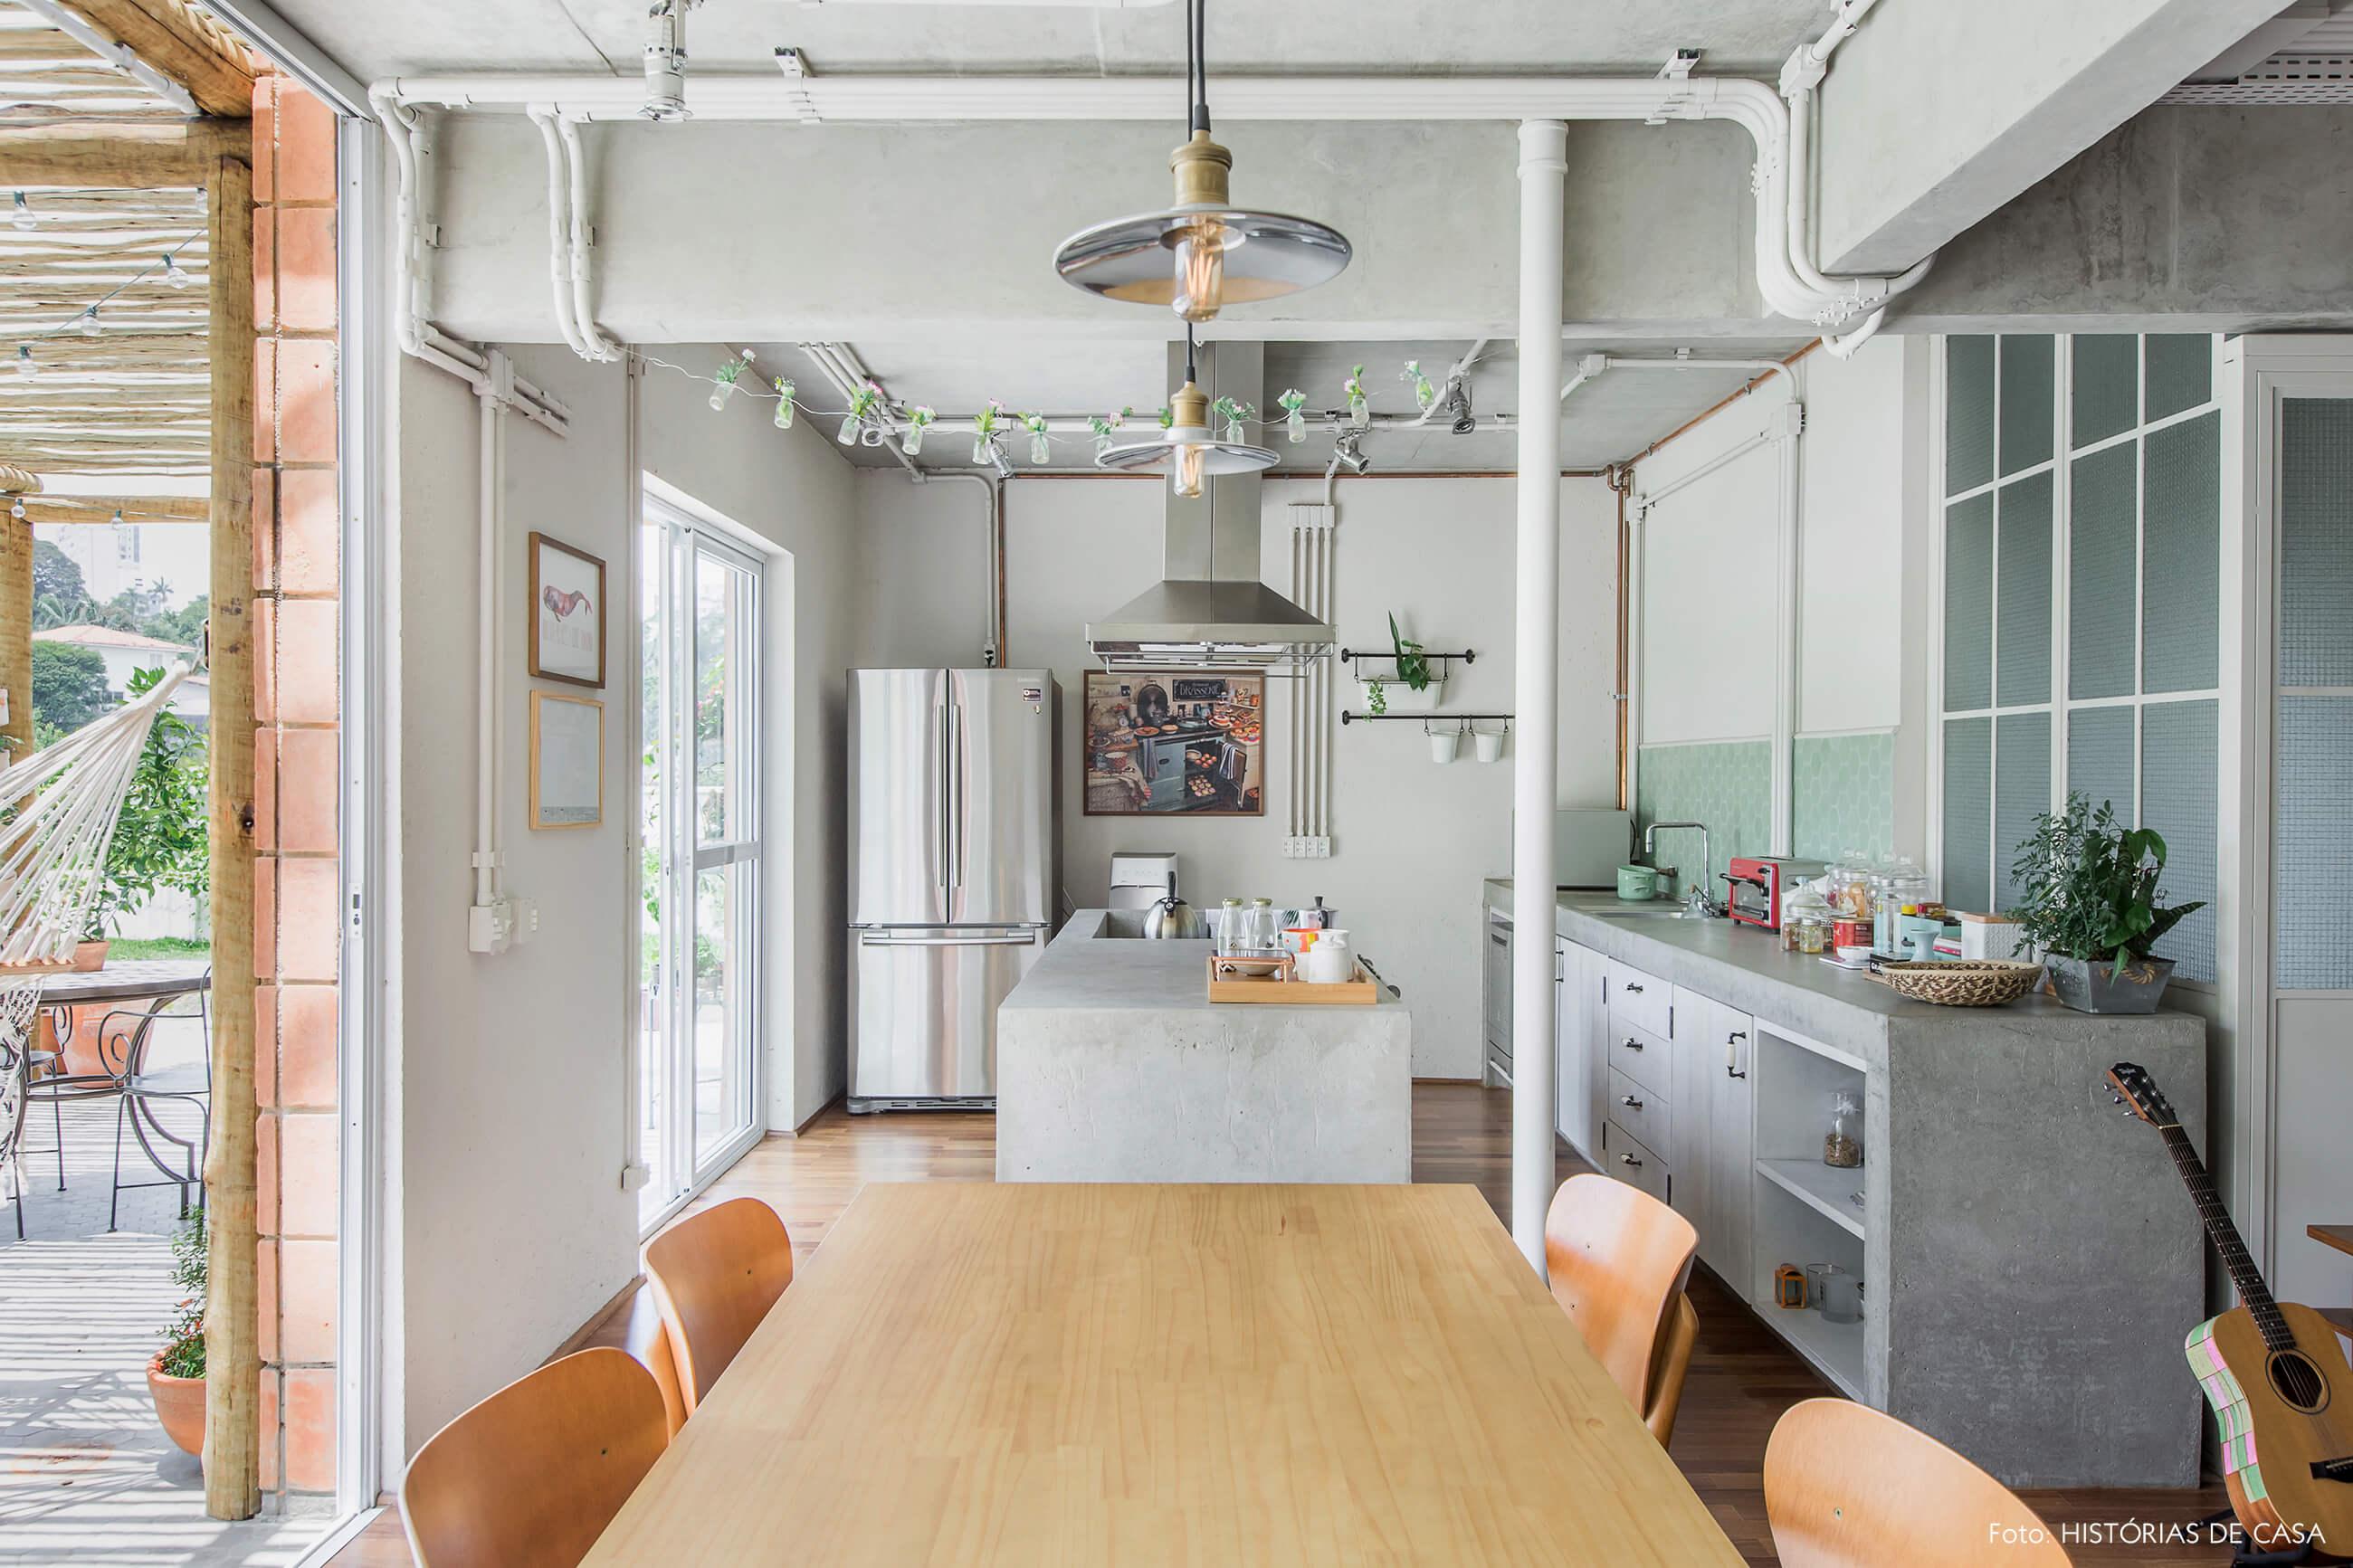 Sala de jantar integrada com a cozinha, com estruturas de concreto aparente